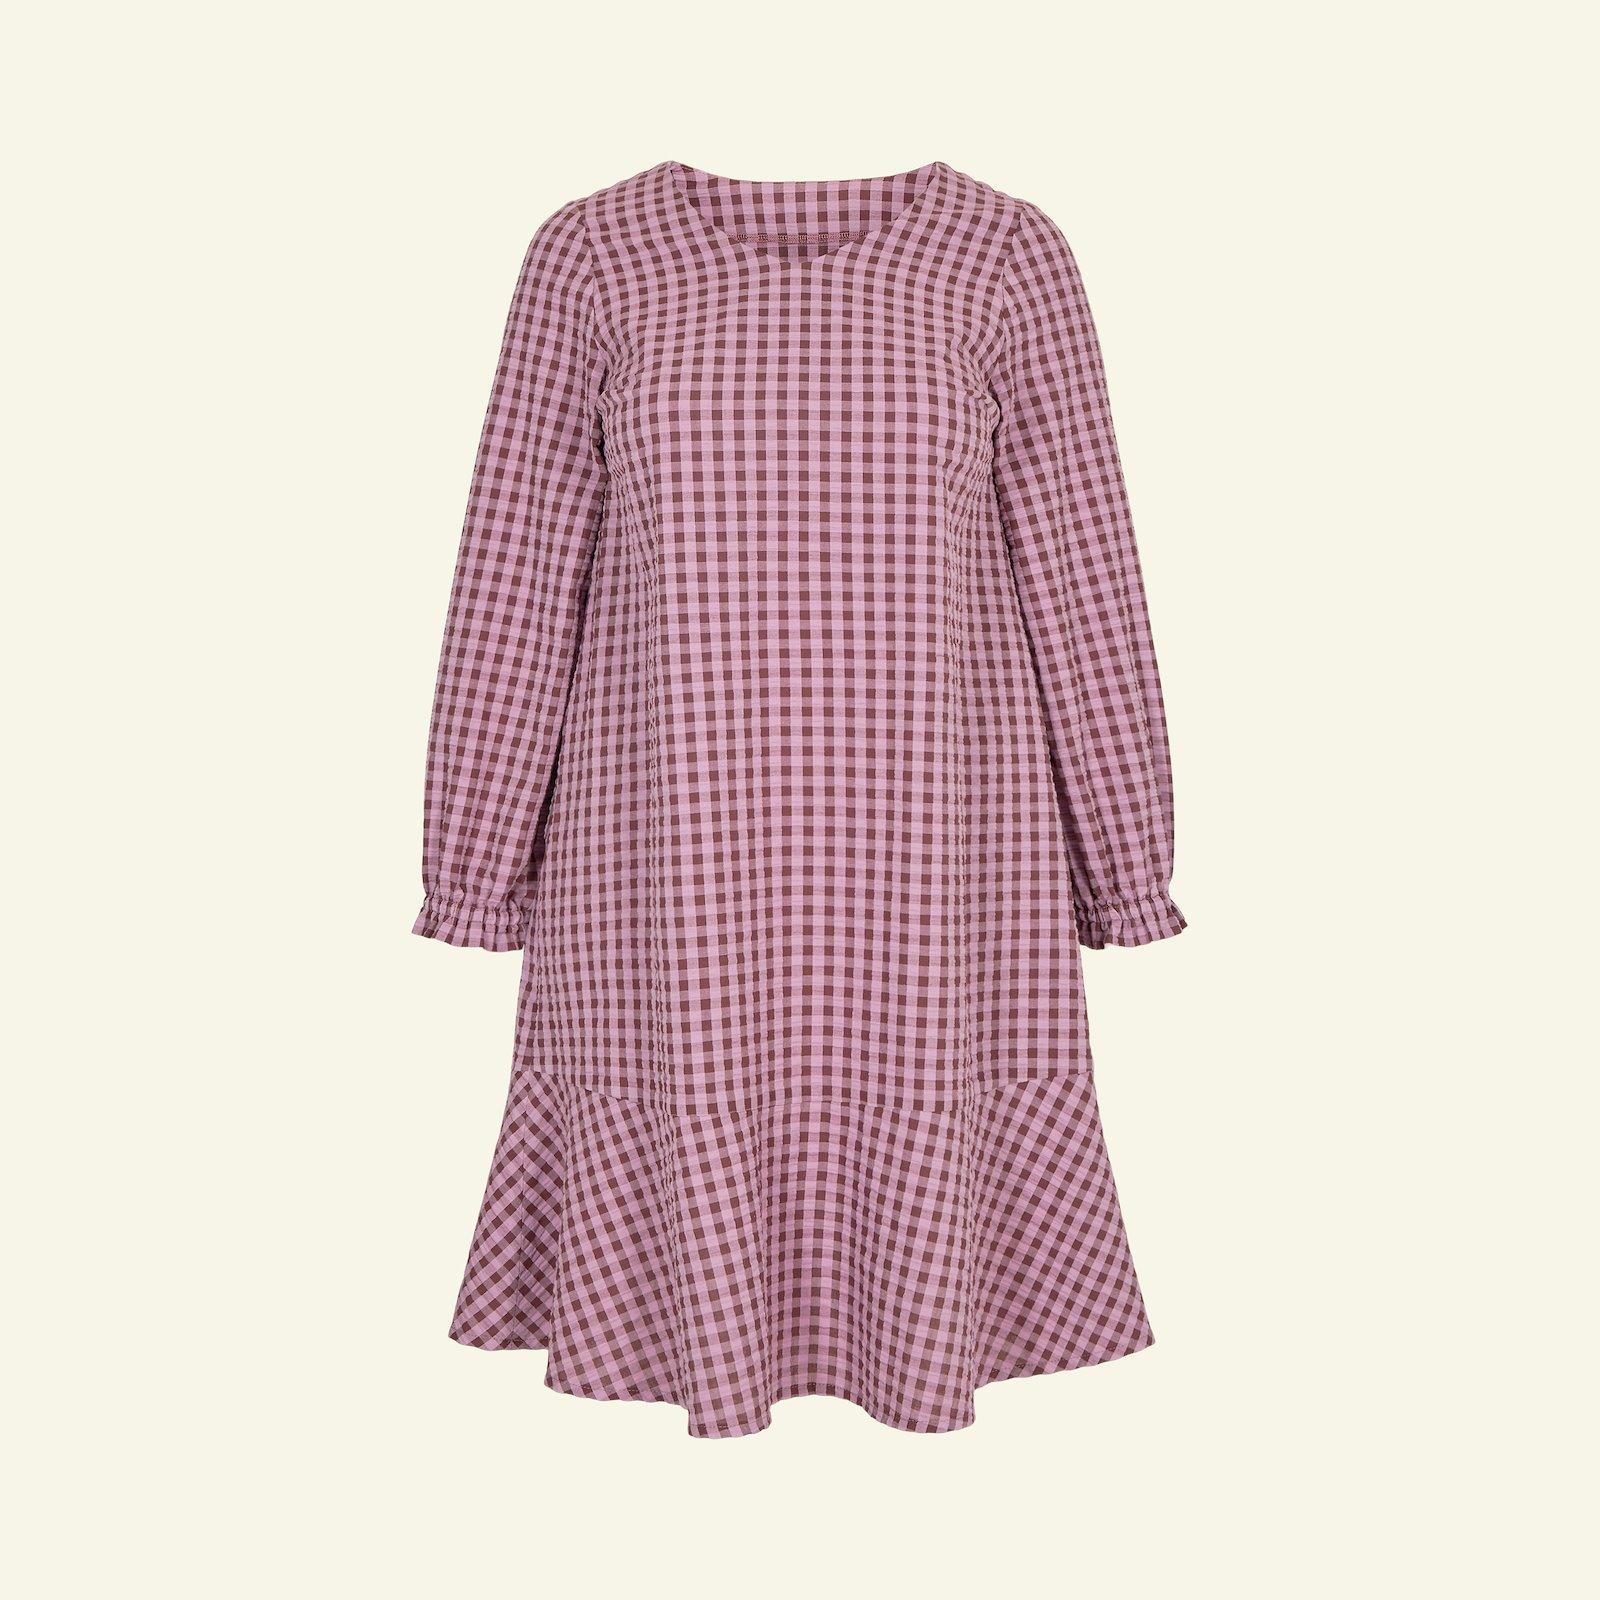 Kleid mit langen und kurzen Ärmeln, 46 p73018_580070_sskit